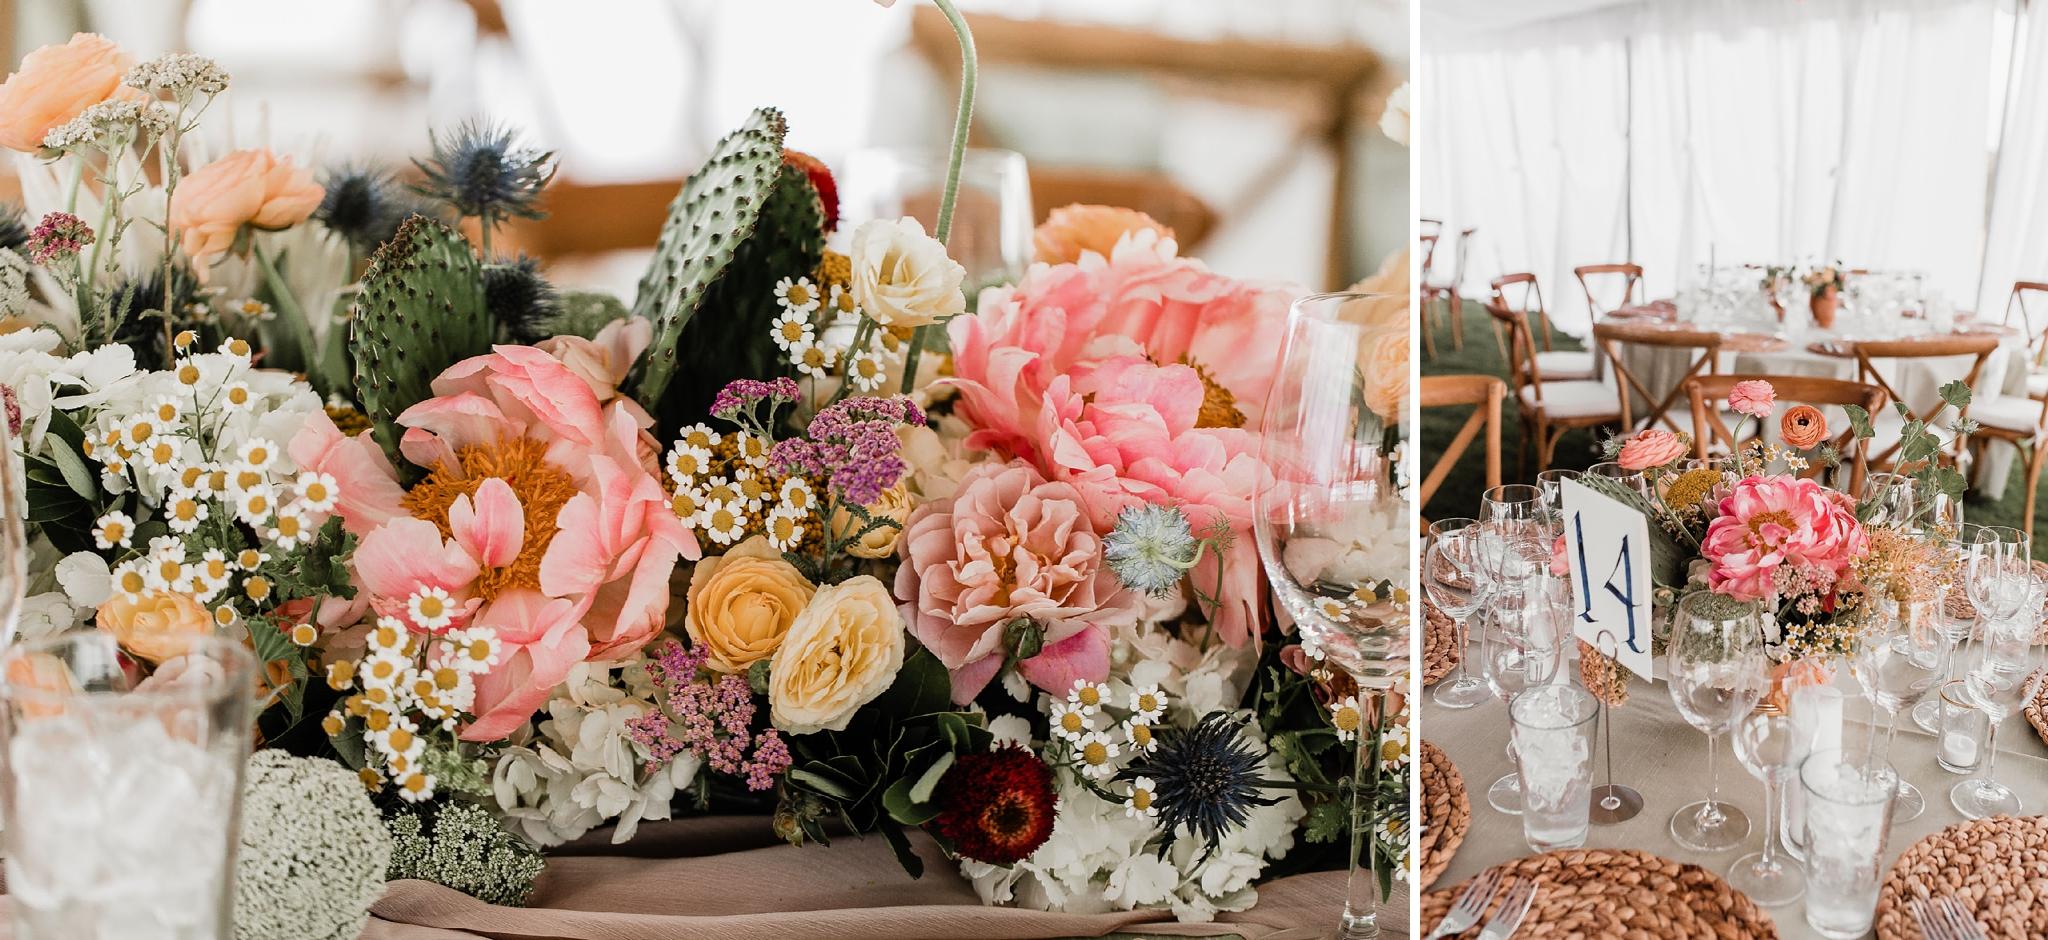 Alicia+lucia+photography+-+albuquerque+wedding+photographer+-+santa+fe+wedding+photography+-+new+mexico+wedding+photographer+-+new+mexico+wedding+-+summer+wedding+-+summer+wedding+florals+-+southwest+wedding_0086.jpg